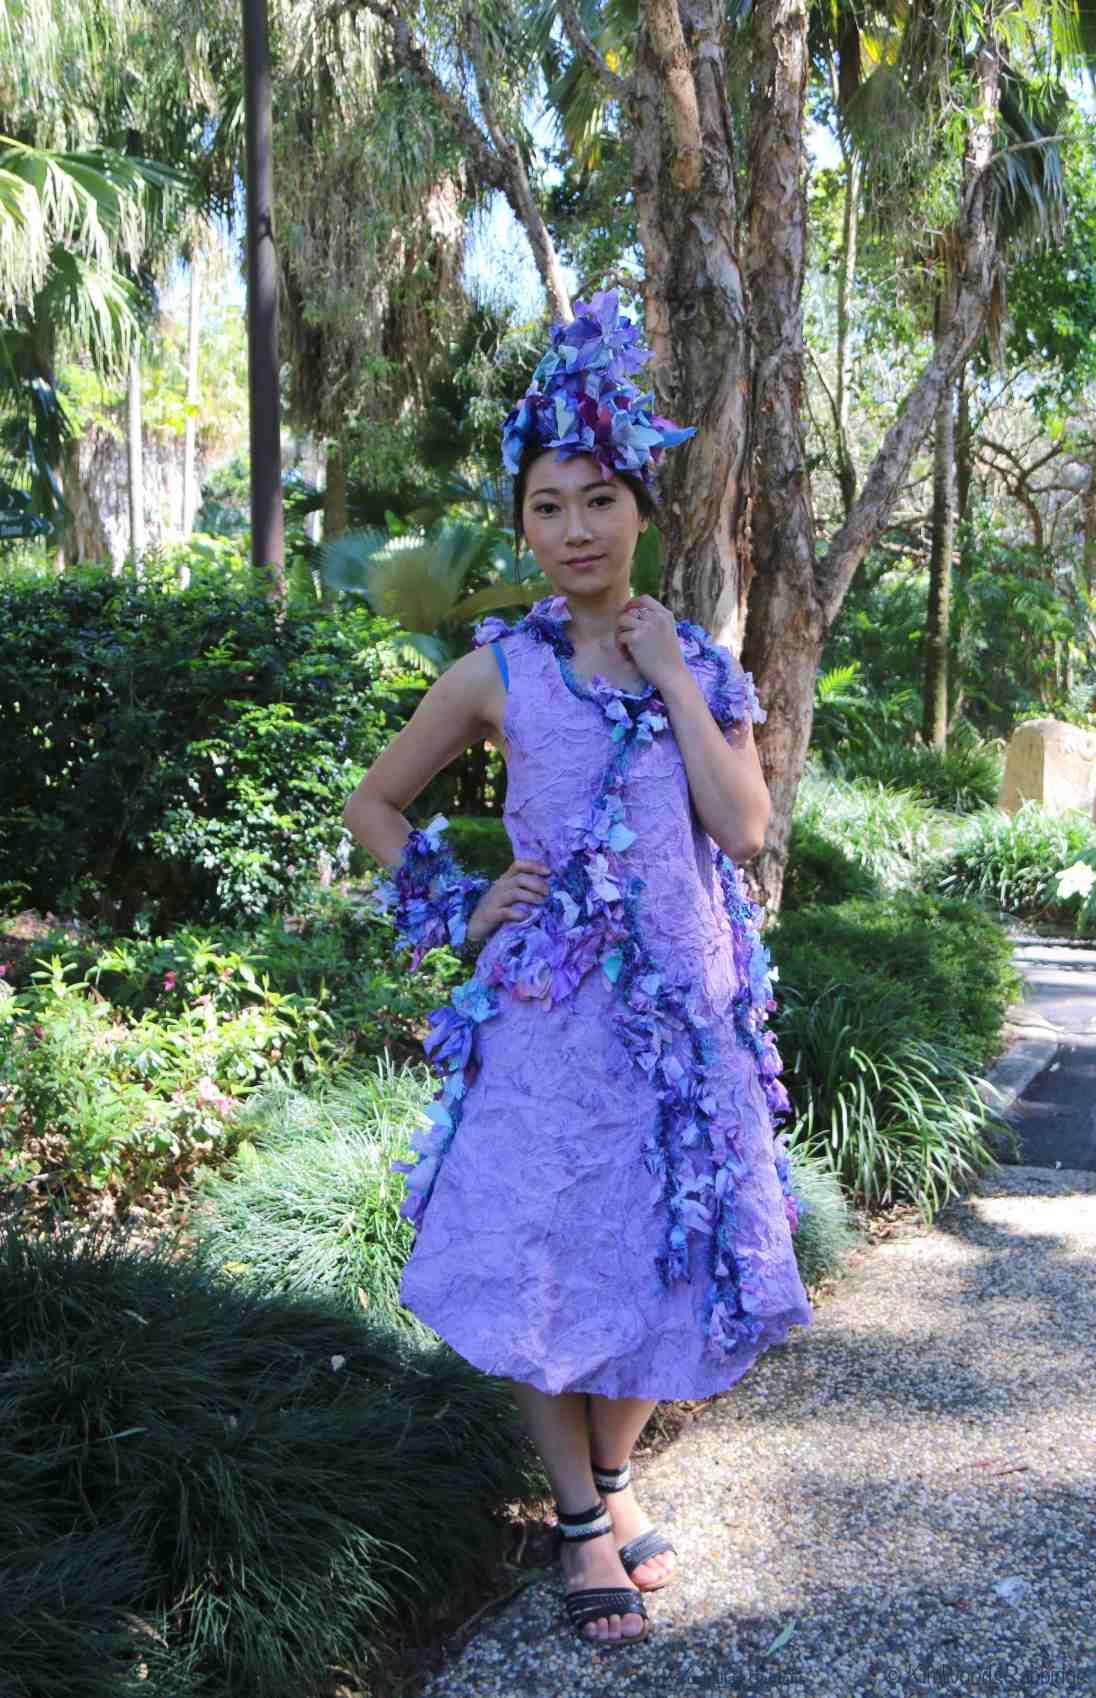 Tricia Smout's 'Purple Profusion'.